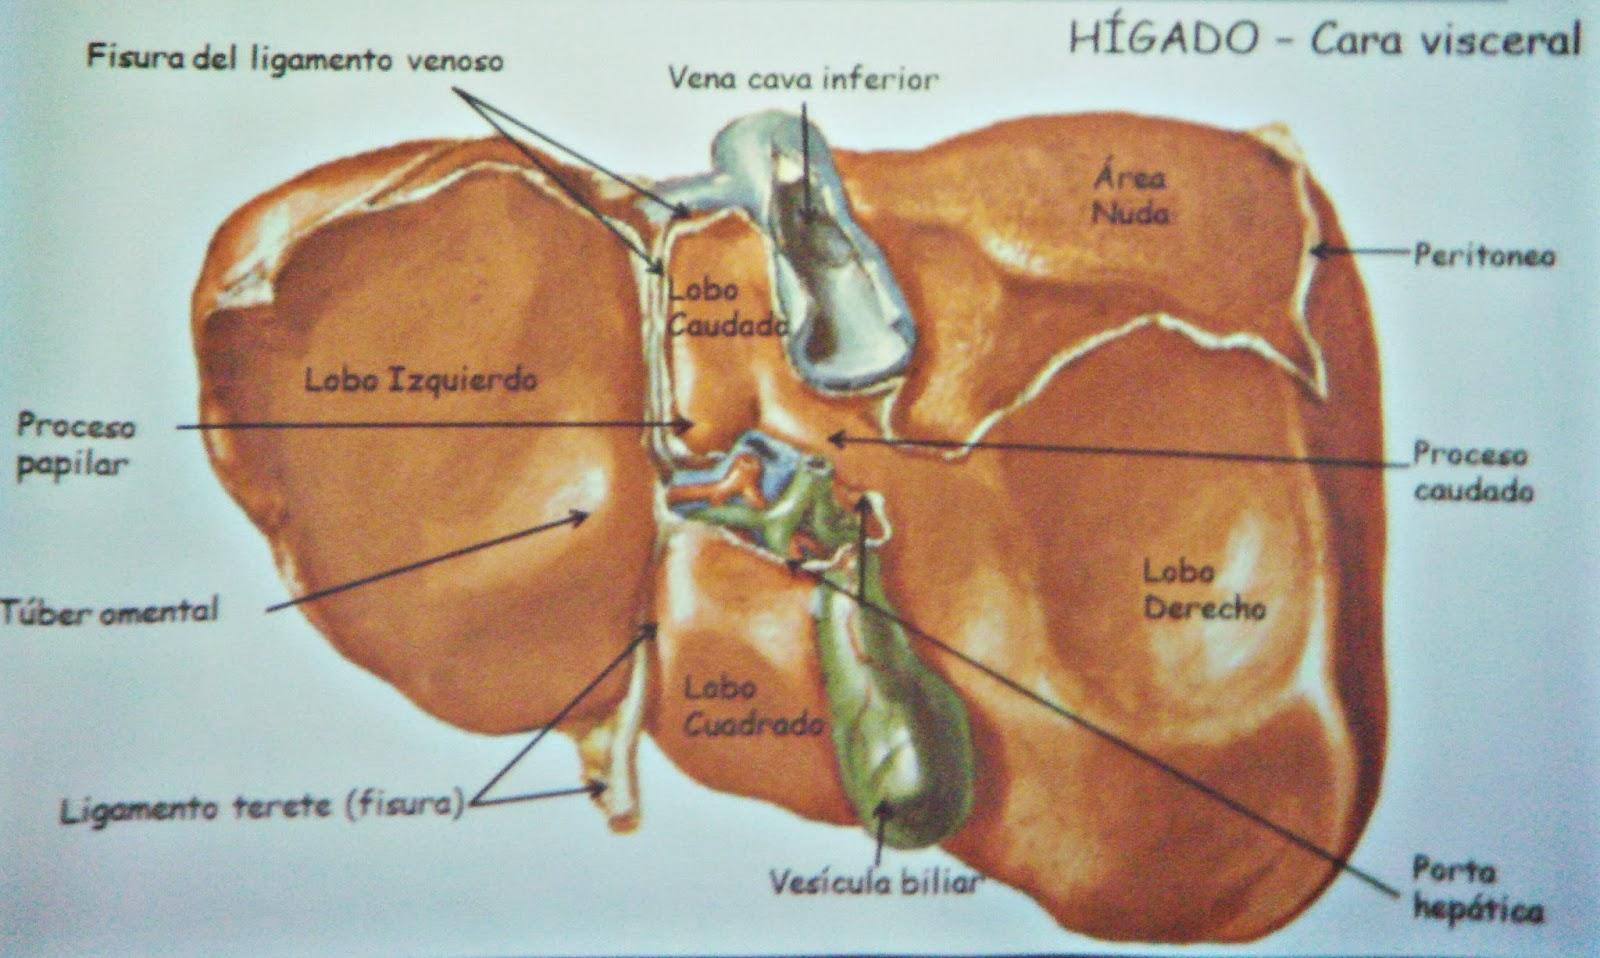 Hígado y vías biliares - Sistema digestivo